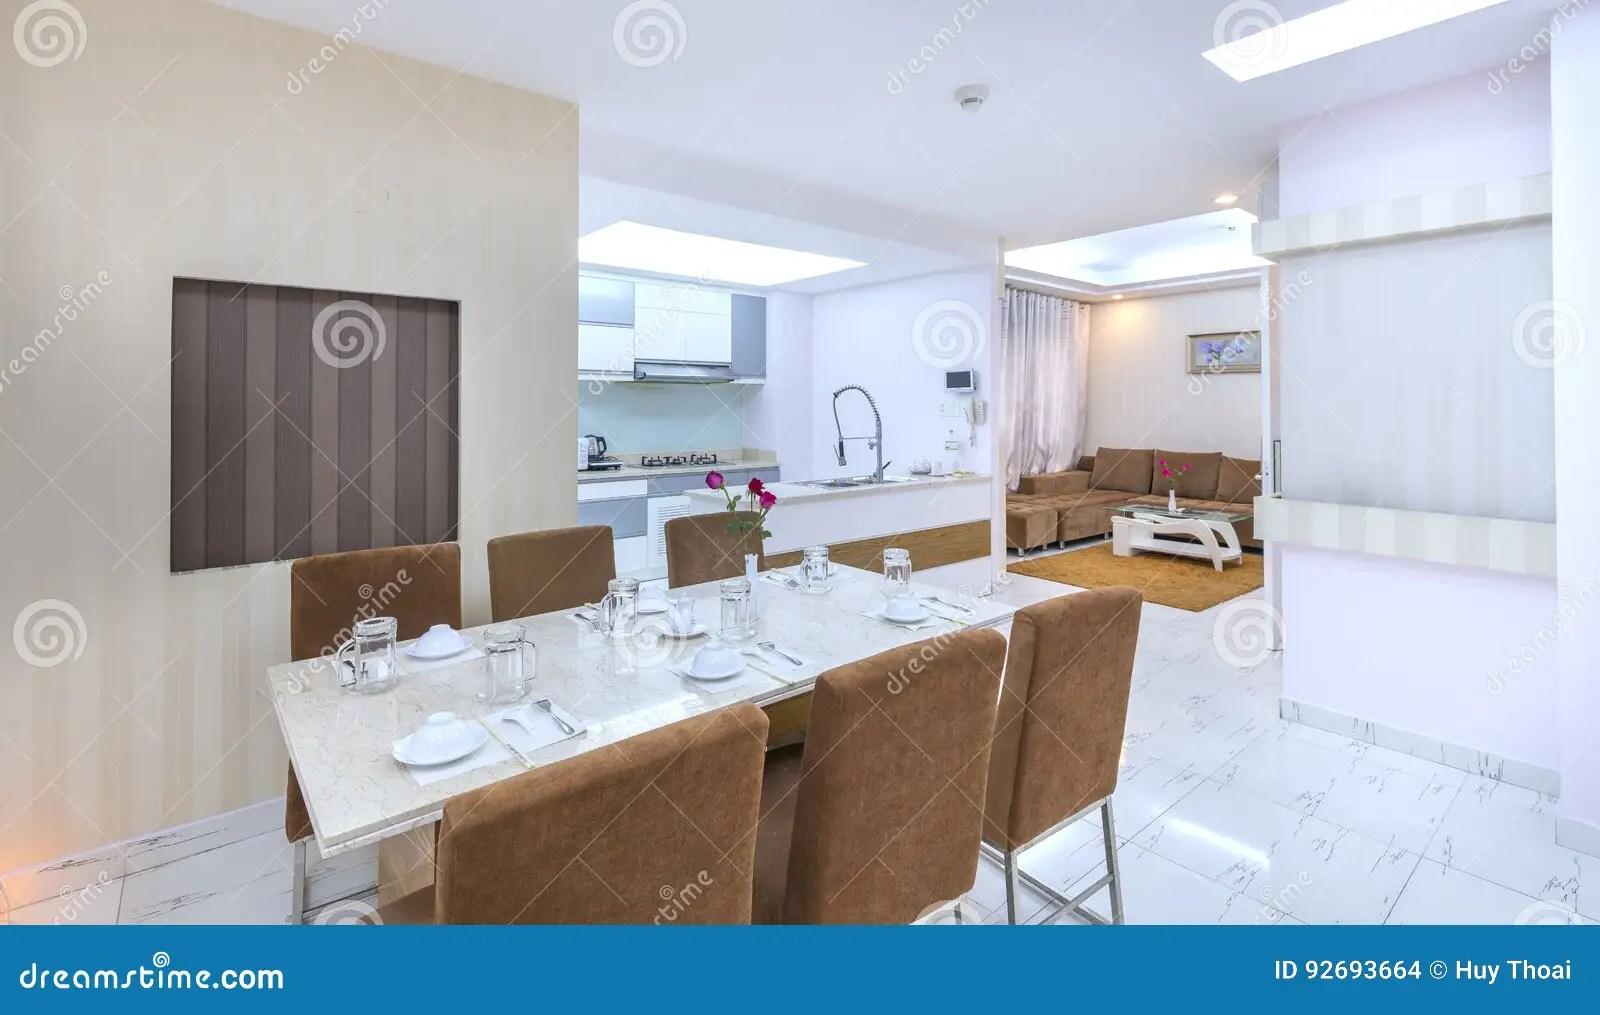 Wohnzimmer Und Esszimmer In Einem Raum Decker Massivholzmobel